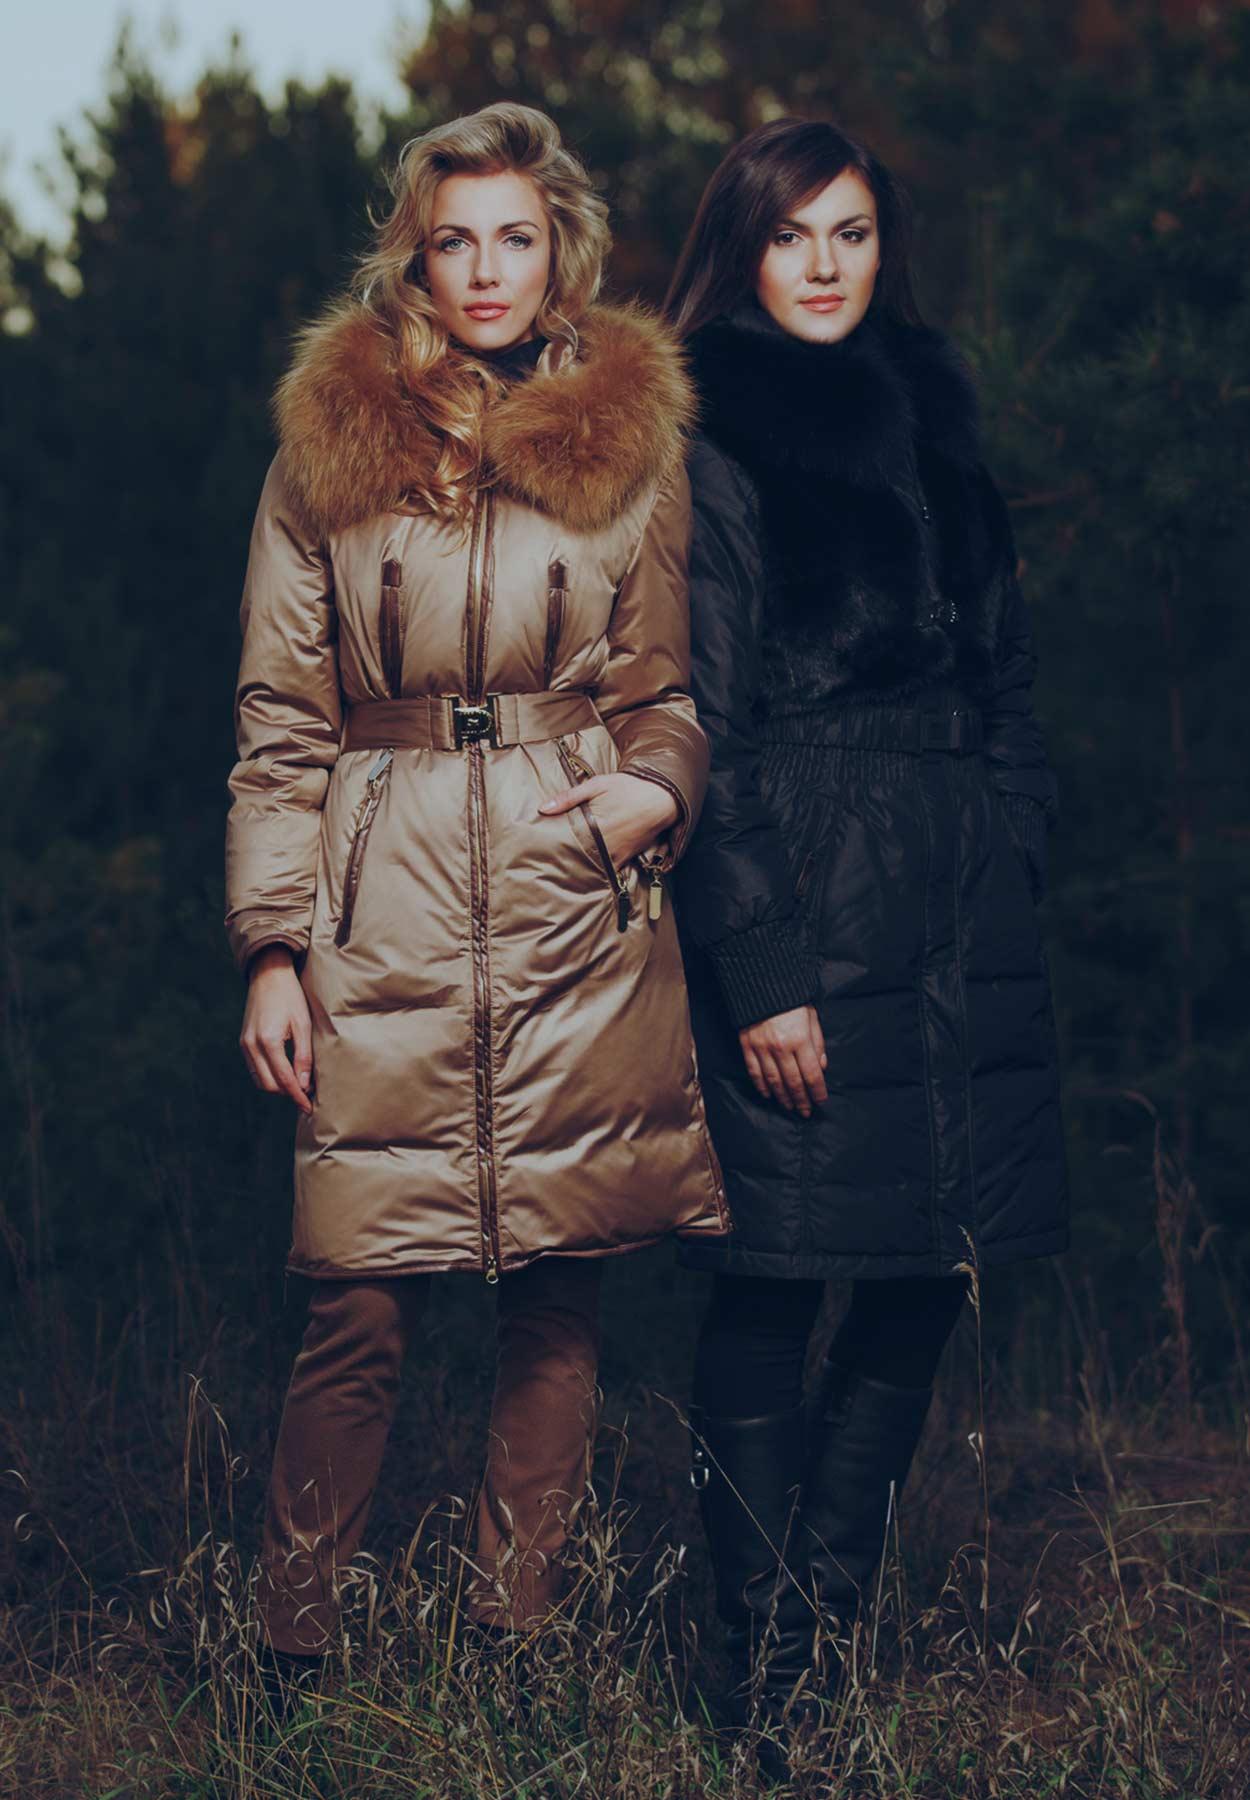 Doudoune femme noir et marron